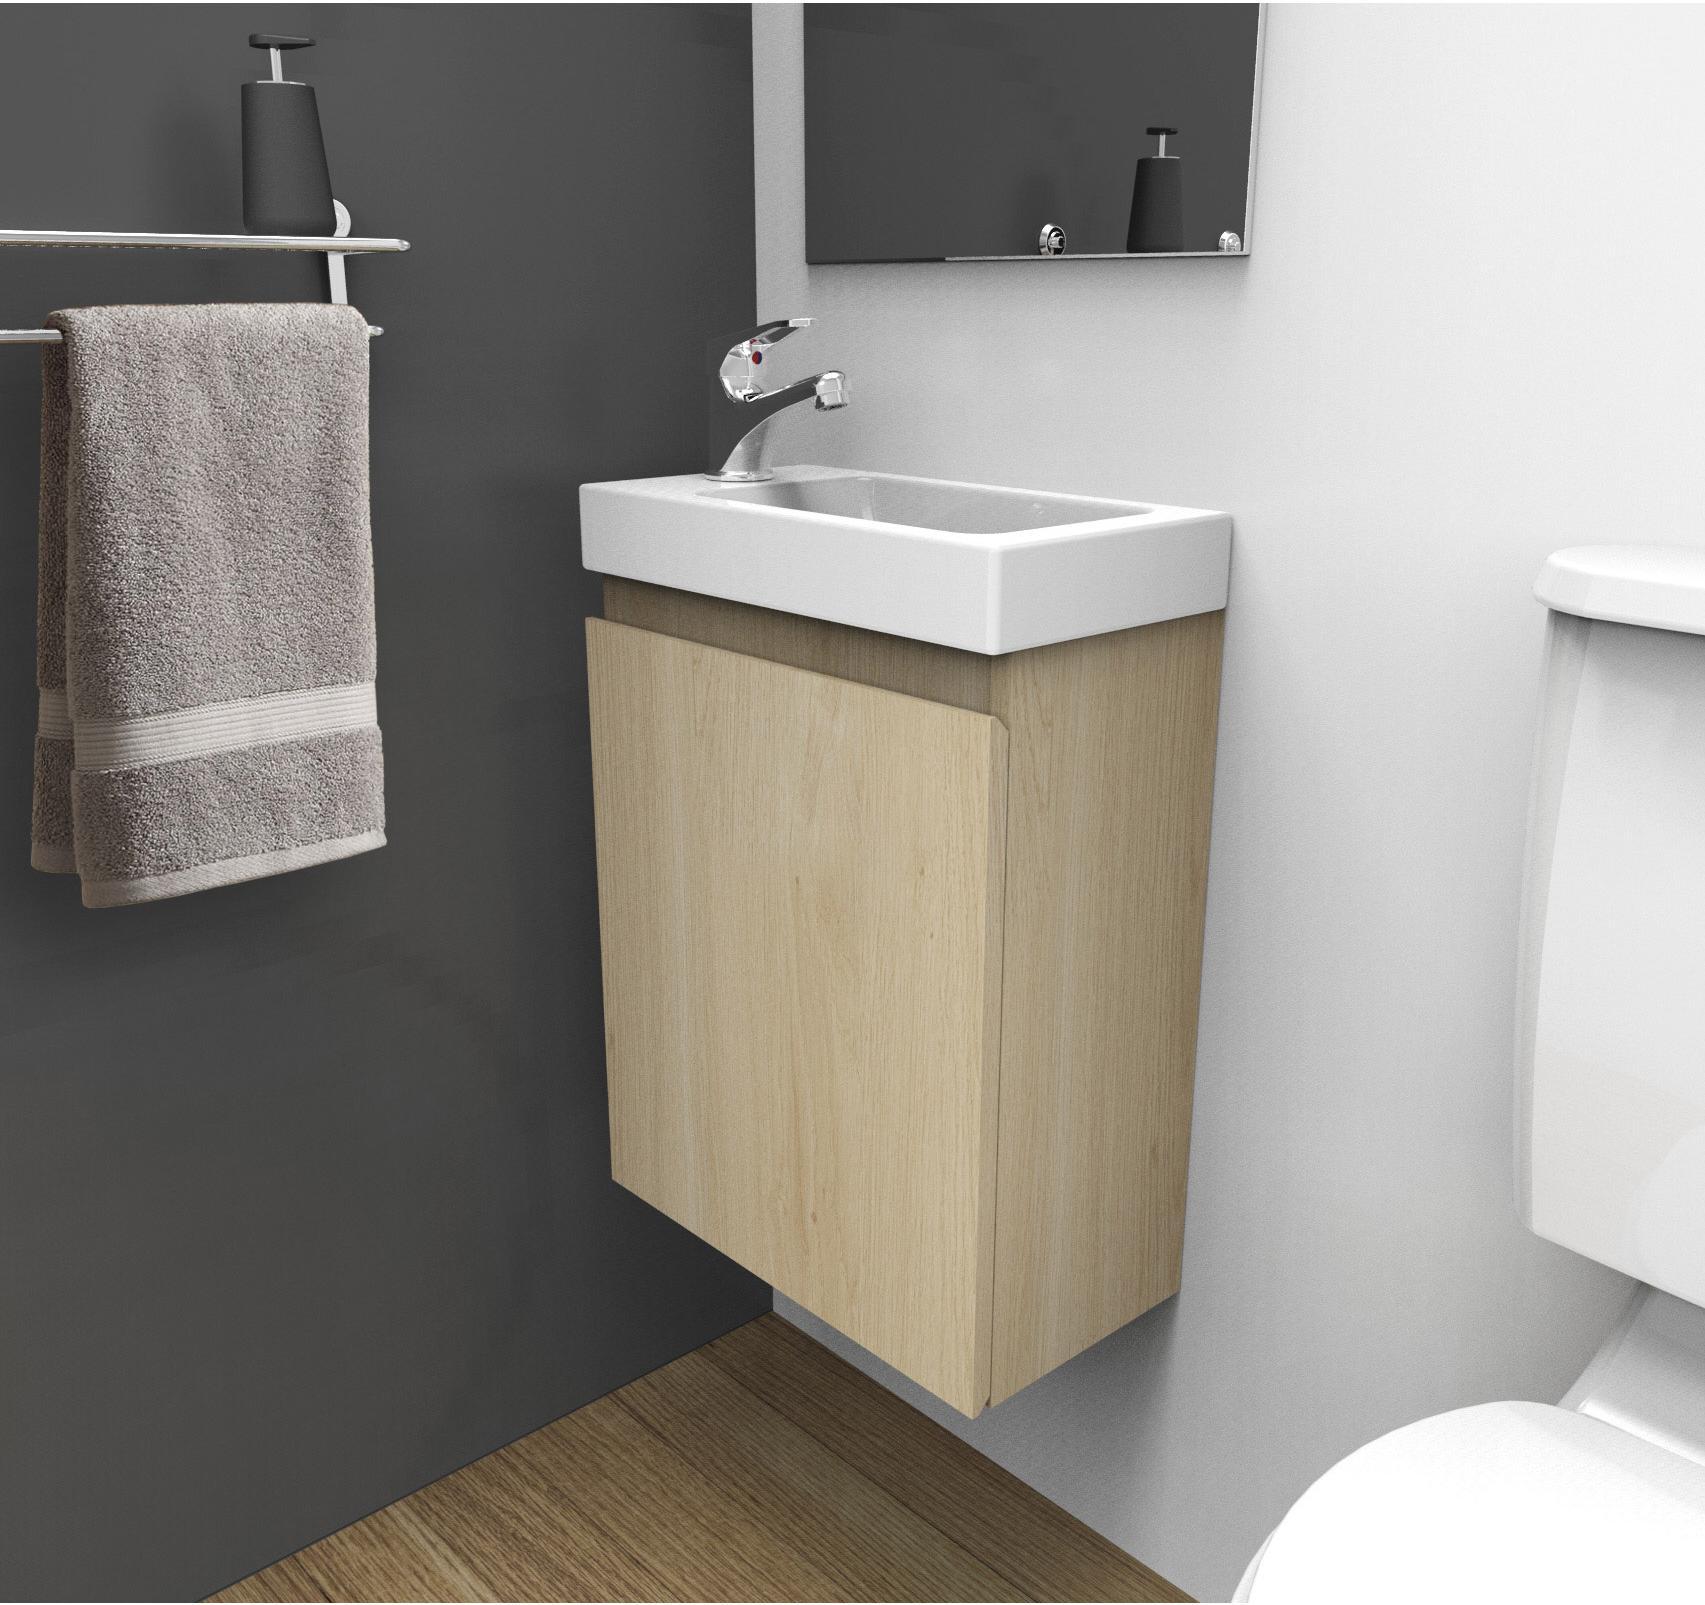 Comment Installer Un Lave Main Avec Meuble meuble lave-mains l.40 x h.48 x p.22 cm, décor chêne naturel, nelys